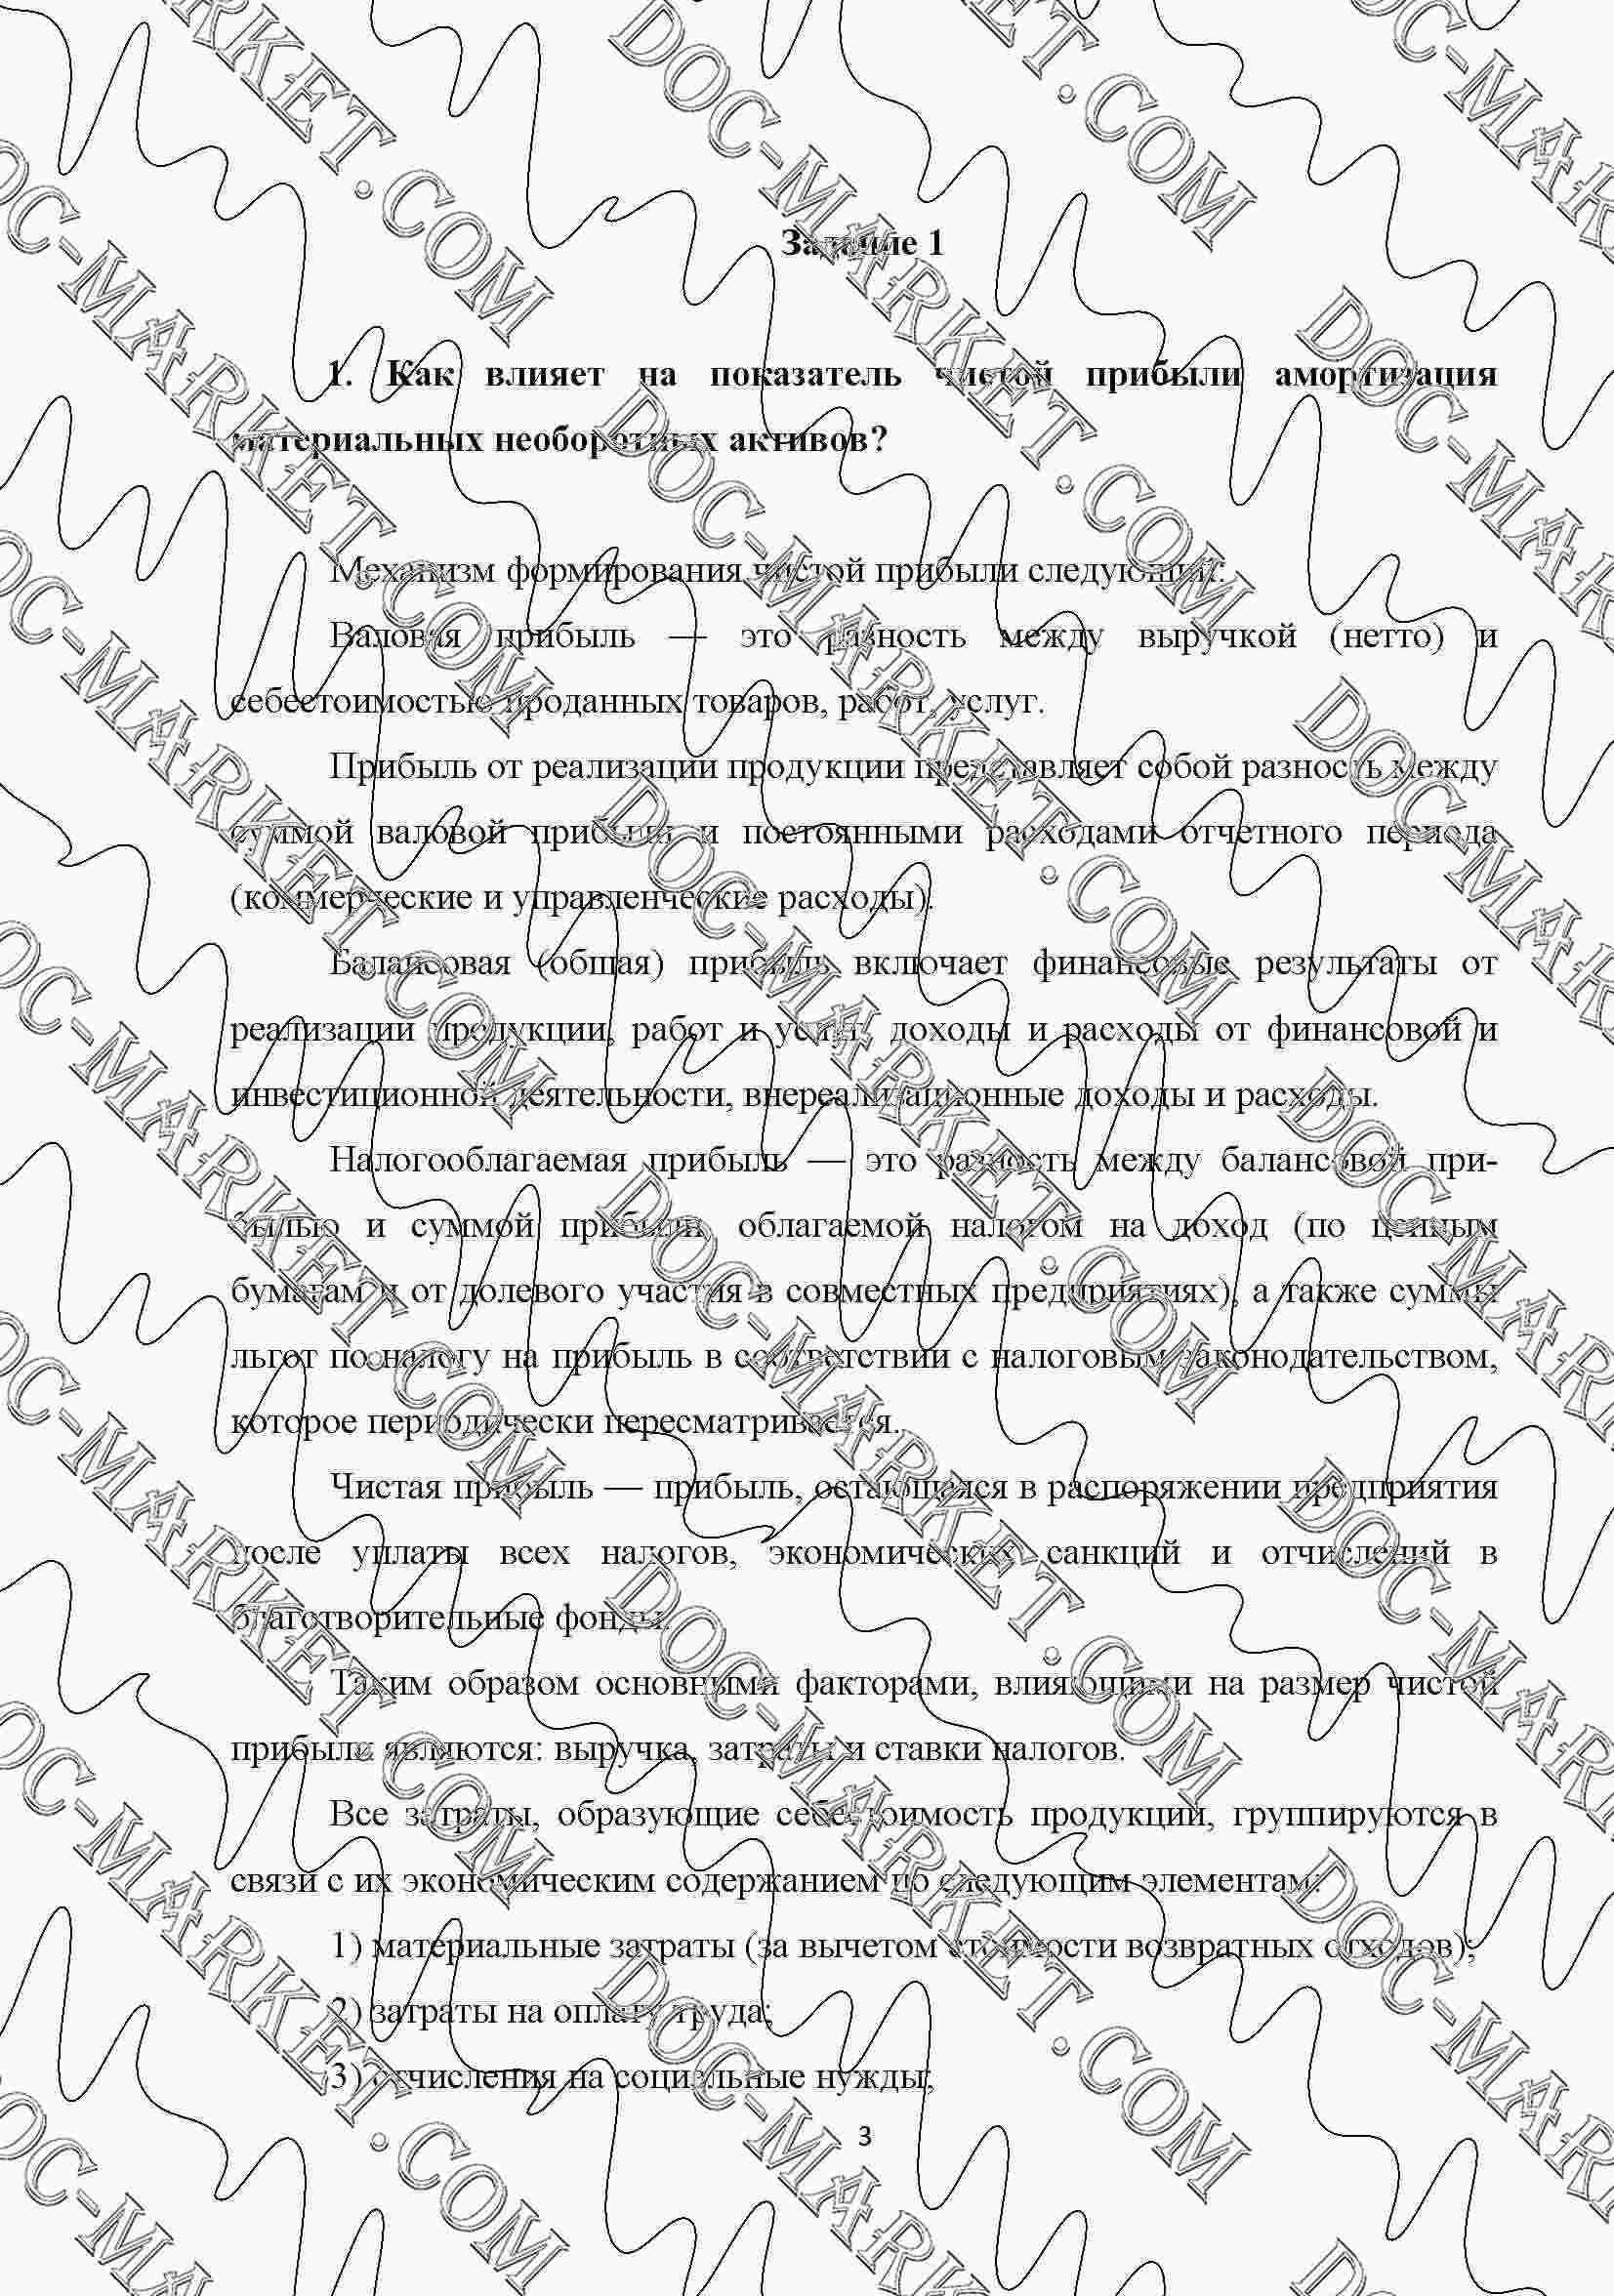 И.А. Бланк Учебник По Финансовому Менеджменту